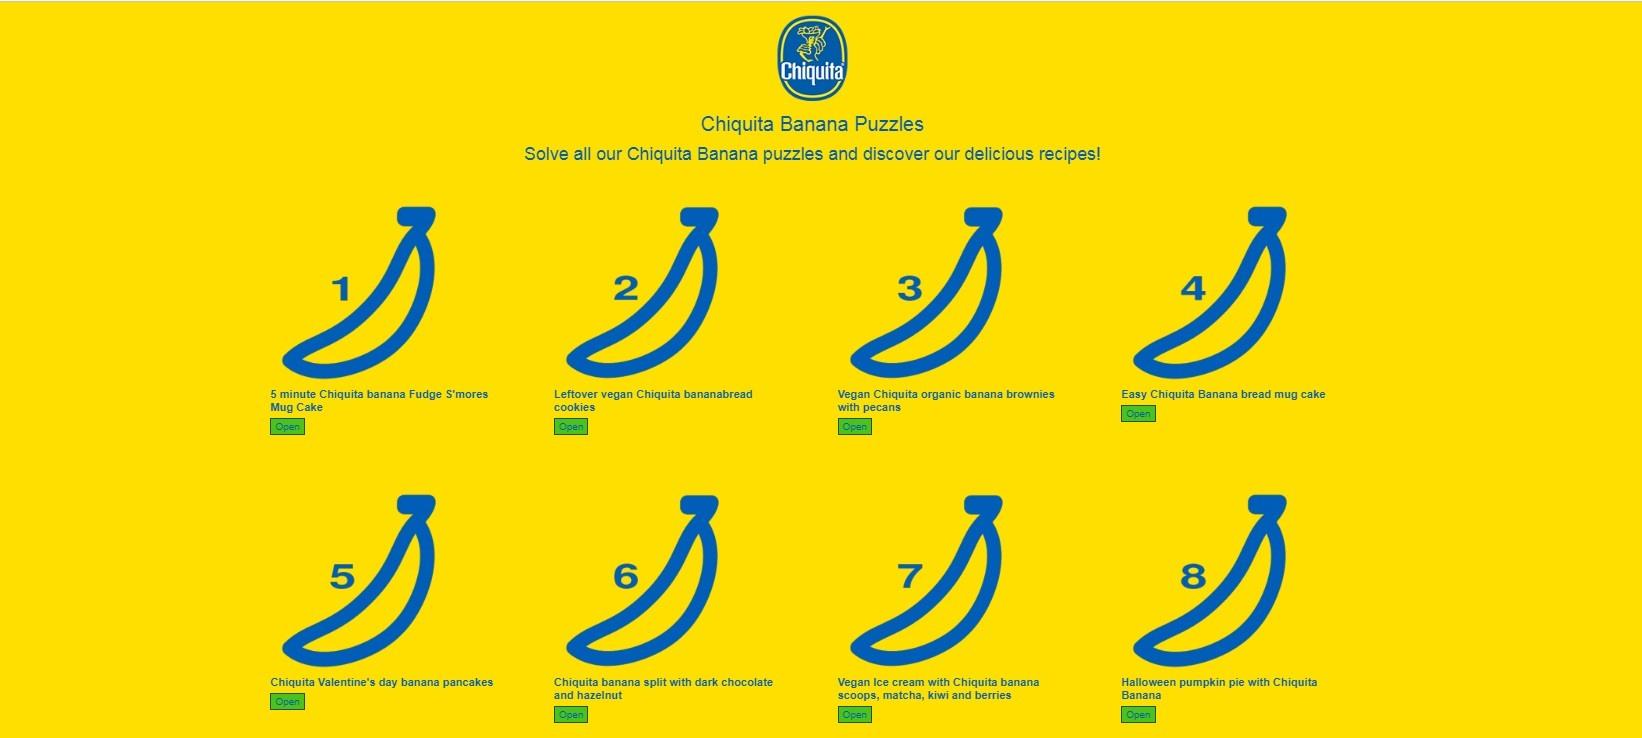 chiquita παιχνίδια